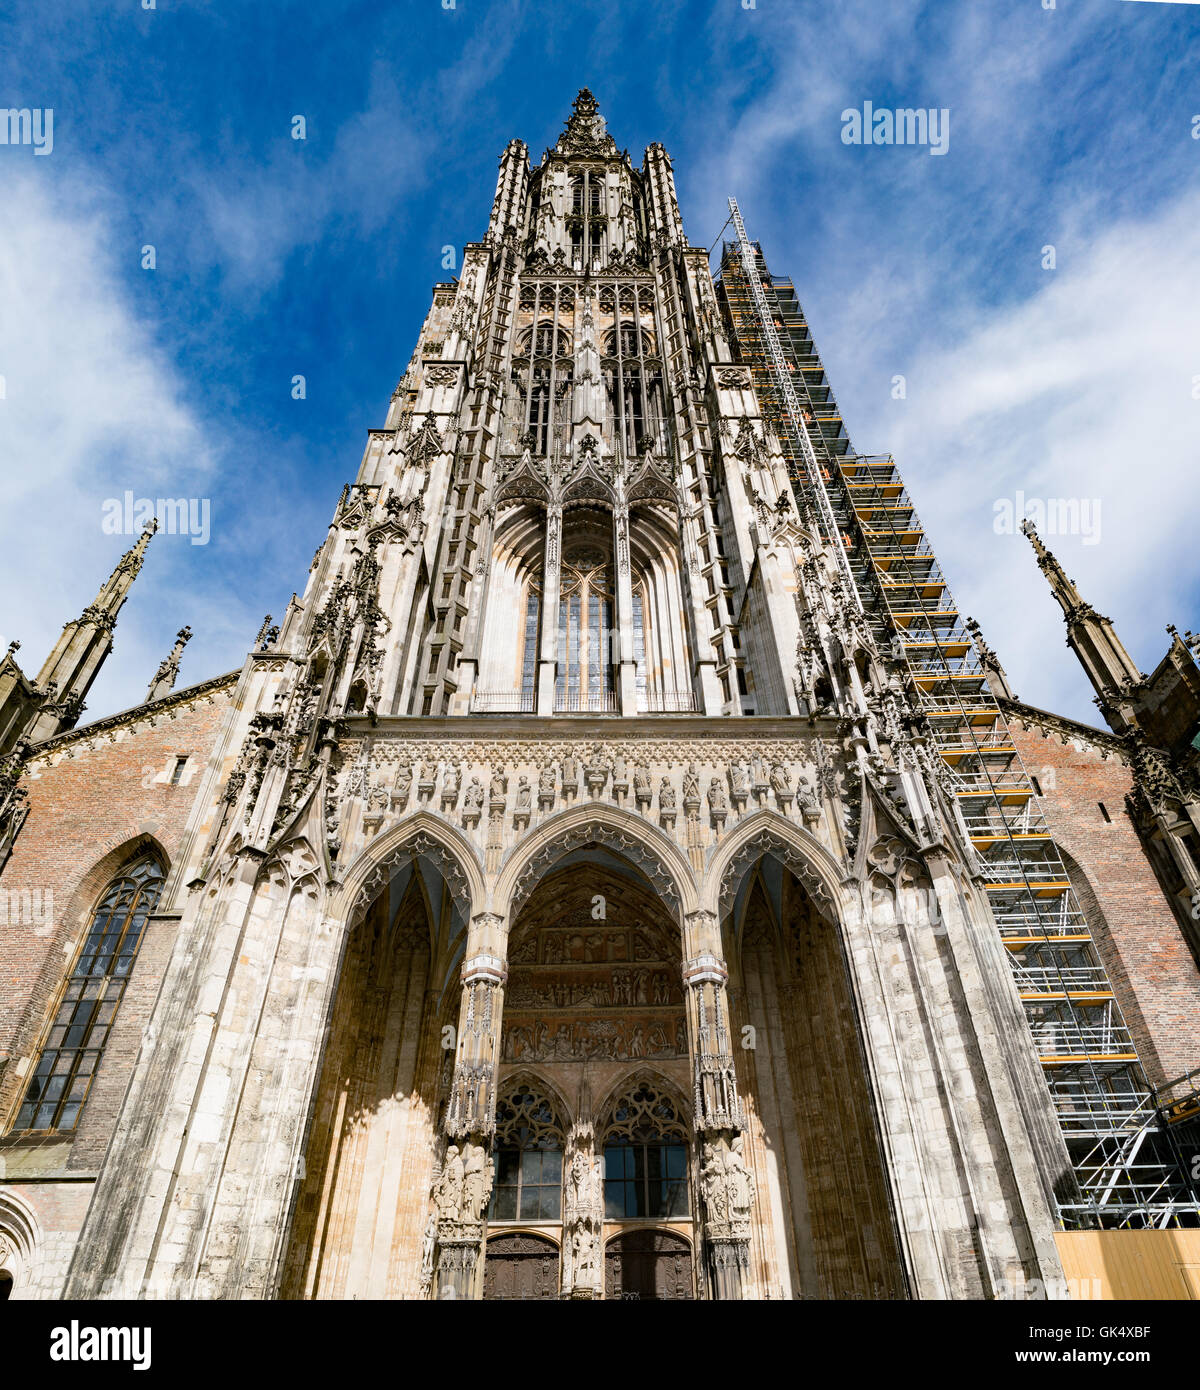 Ulm Minster (allemand: Ulmer Münster) est une église luthérienne située à Ulm, Allemagne. Banque D'Images